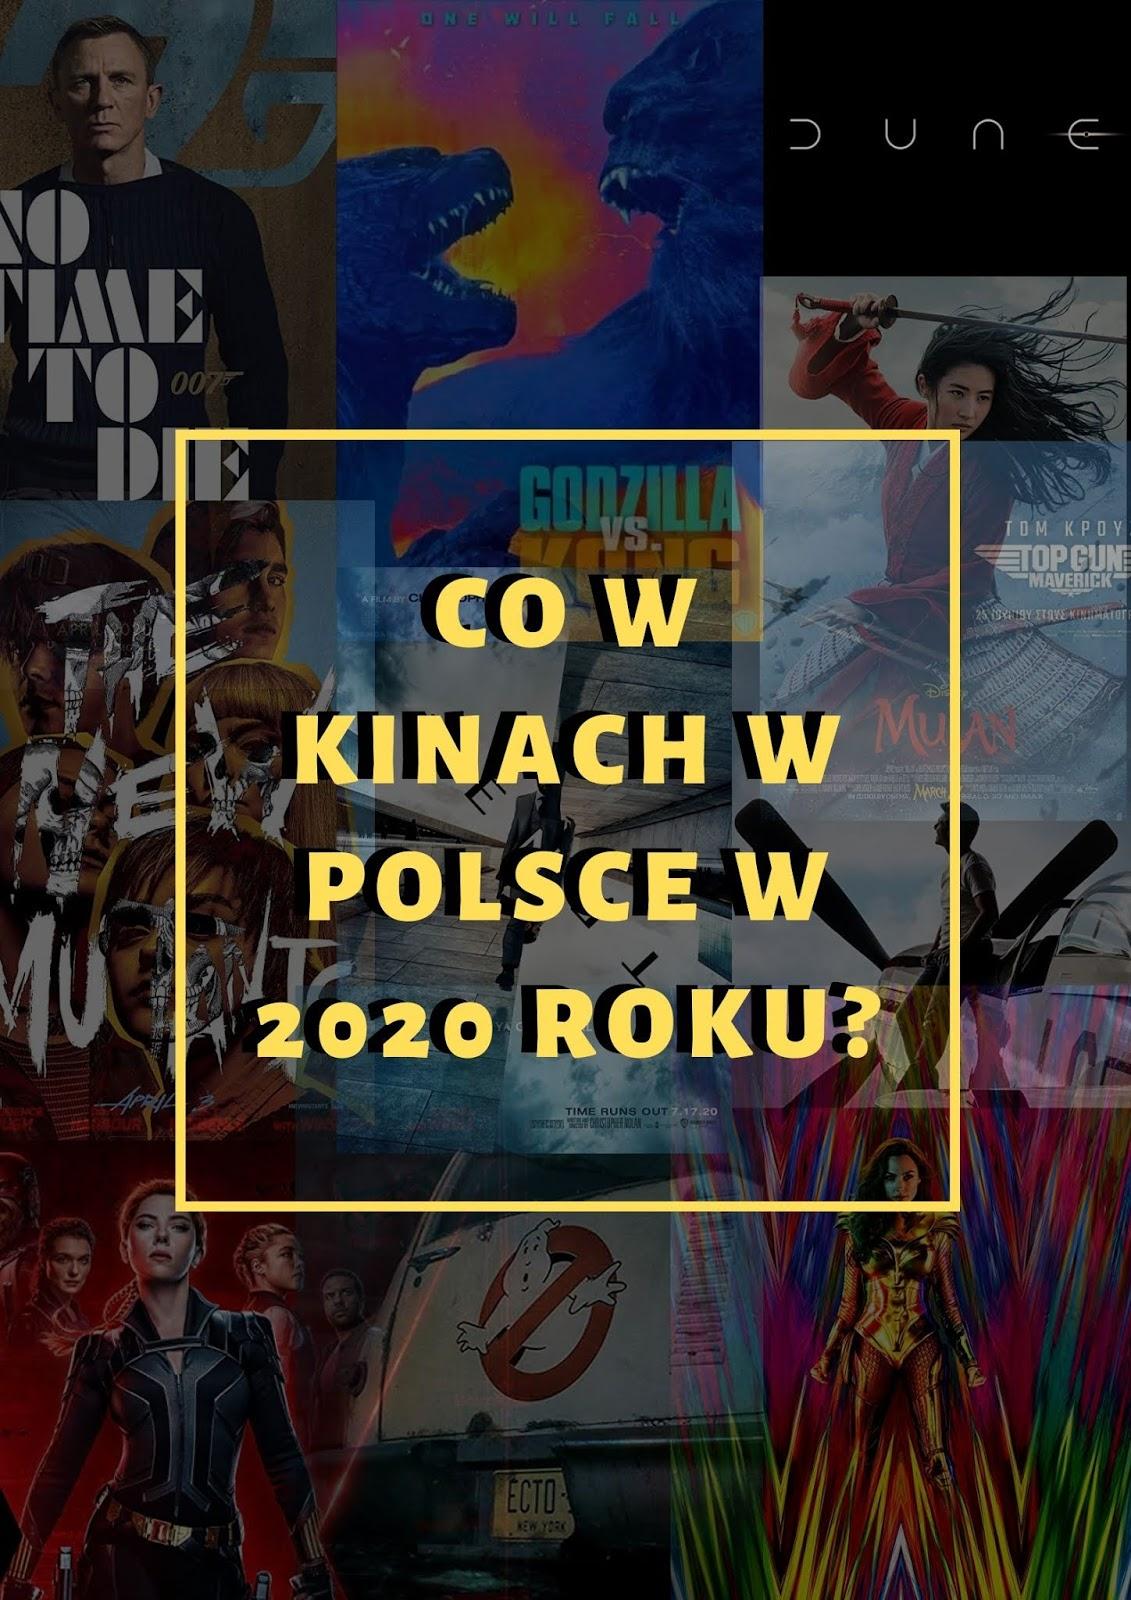 Co w kinach w Polsce w 2020 roku?